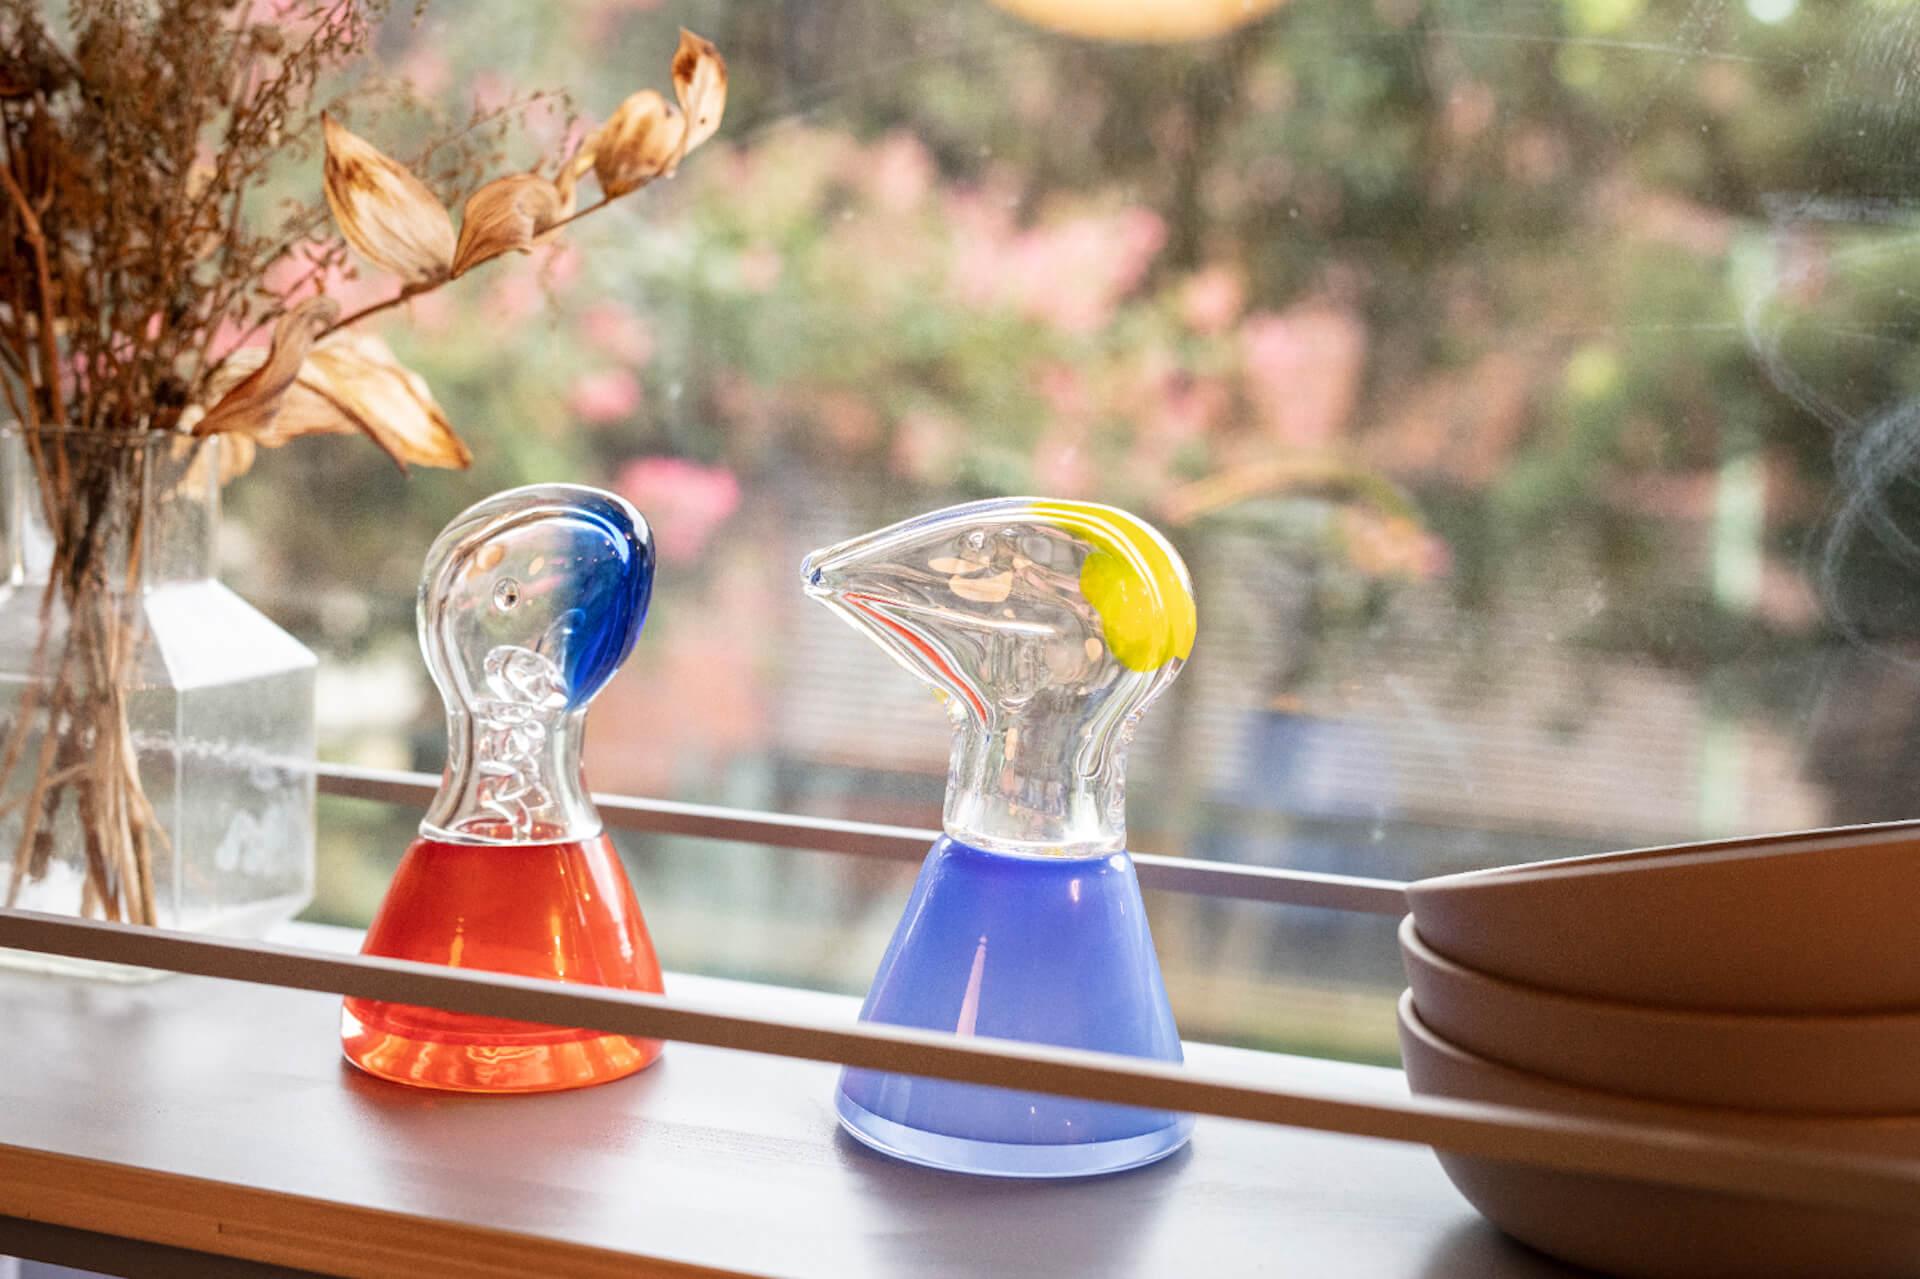 オオクボリュウのガラス作品第2弾『SAPPY COUPLE』が10作品限定で受注生産販売開始! art210423_ookuboryu-210423_1